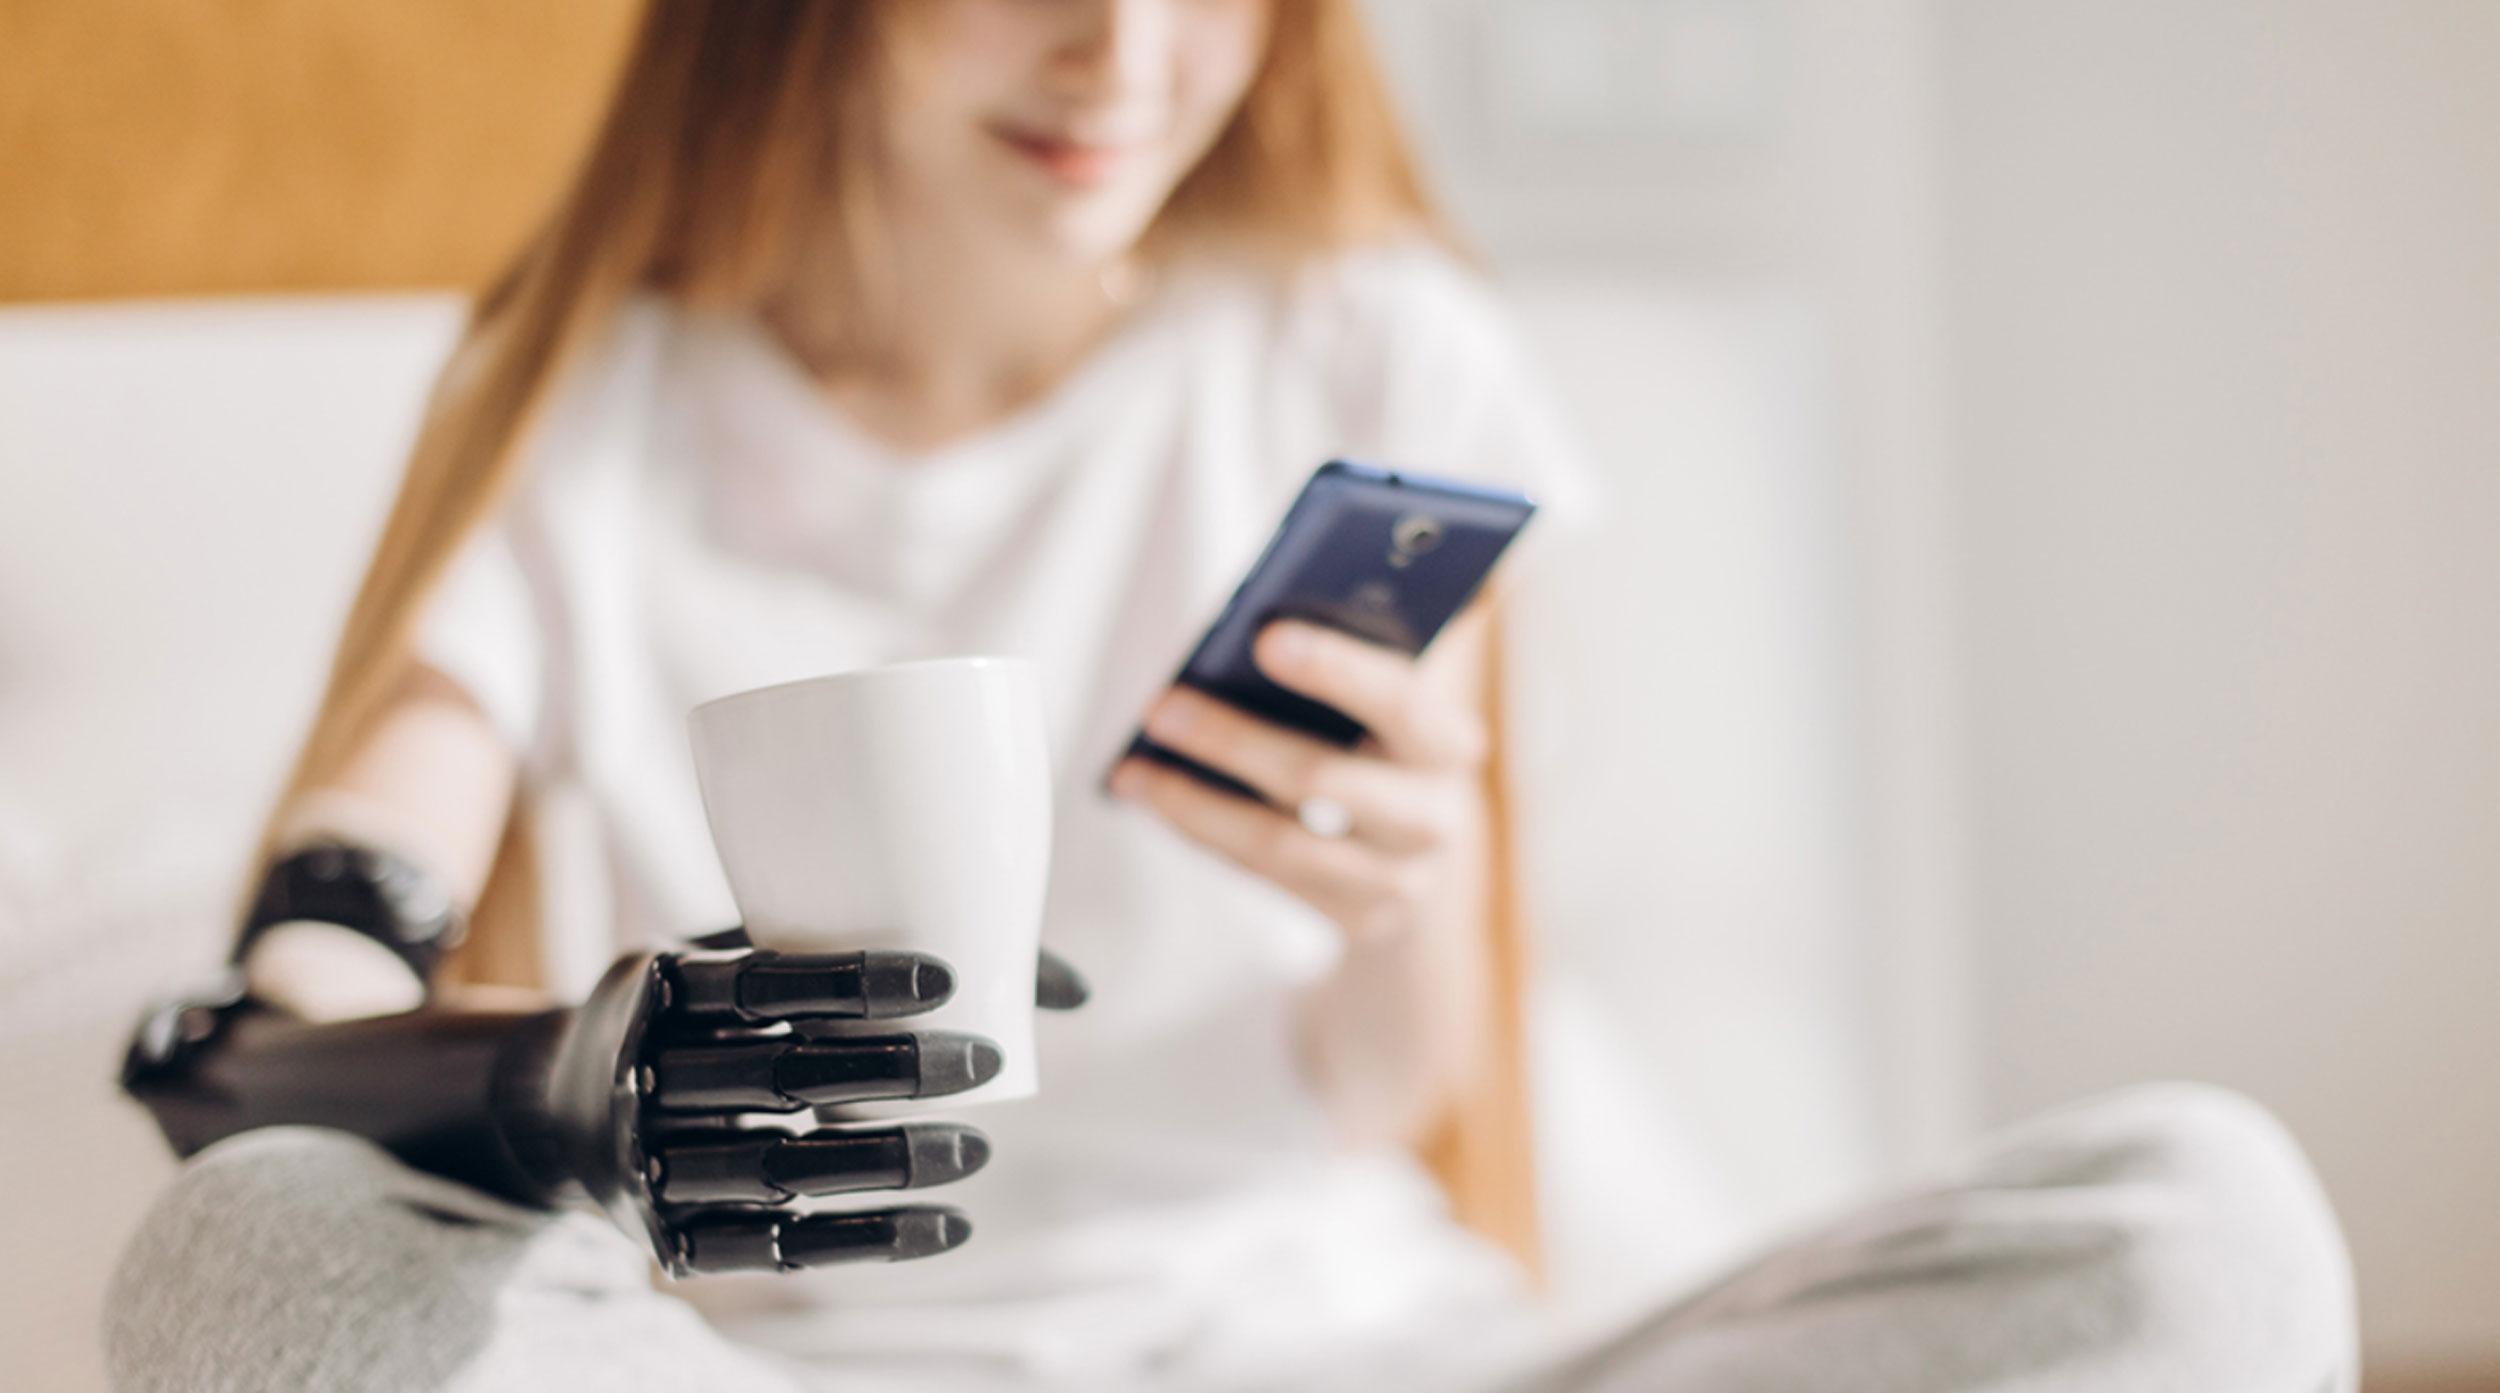 Prótesis e implantes inteligentes: ¿una puerta para los ciberataques en el cuerpo?